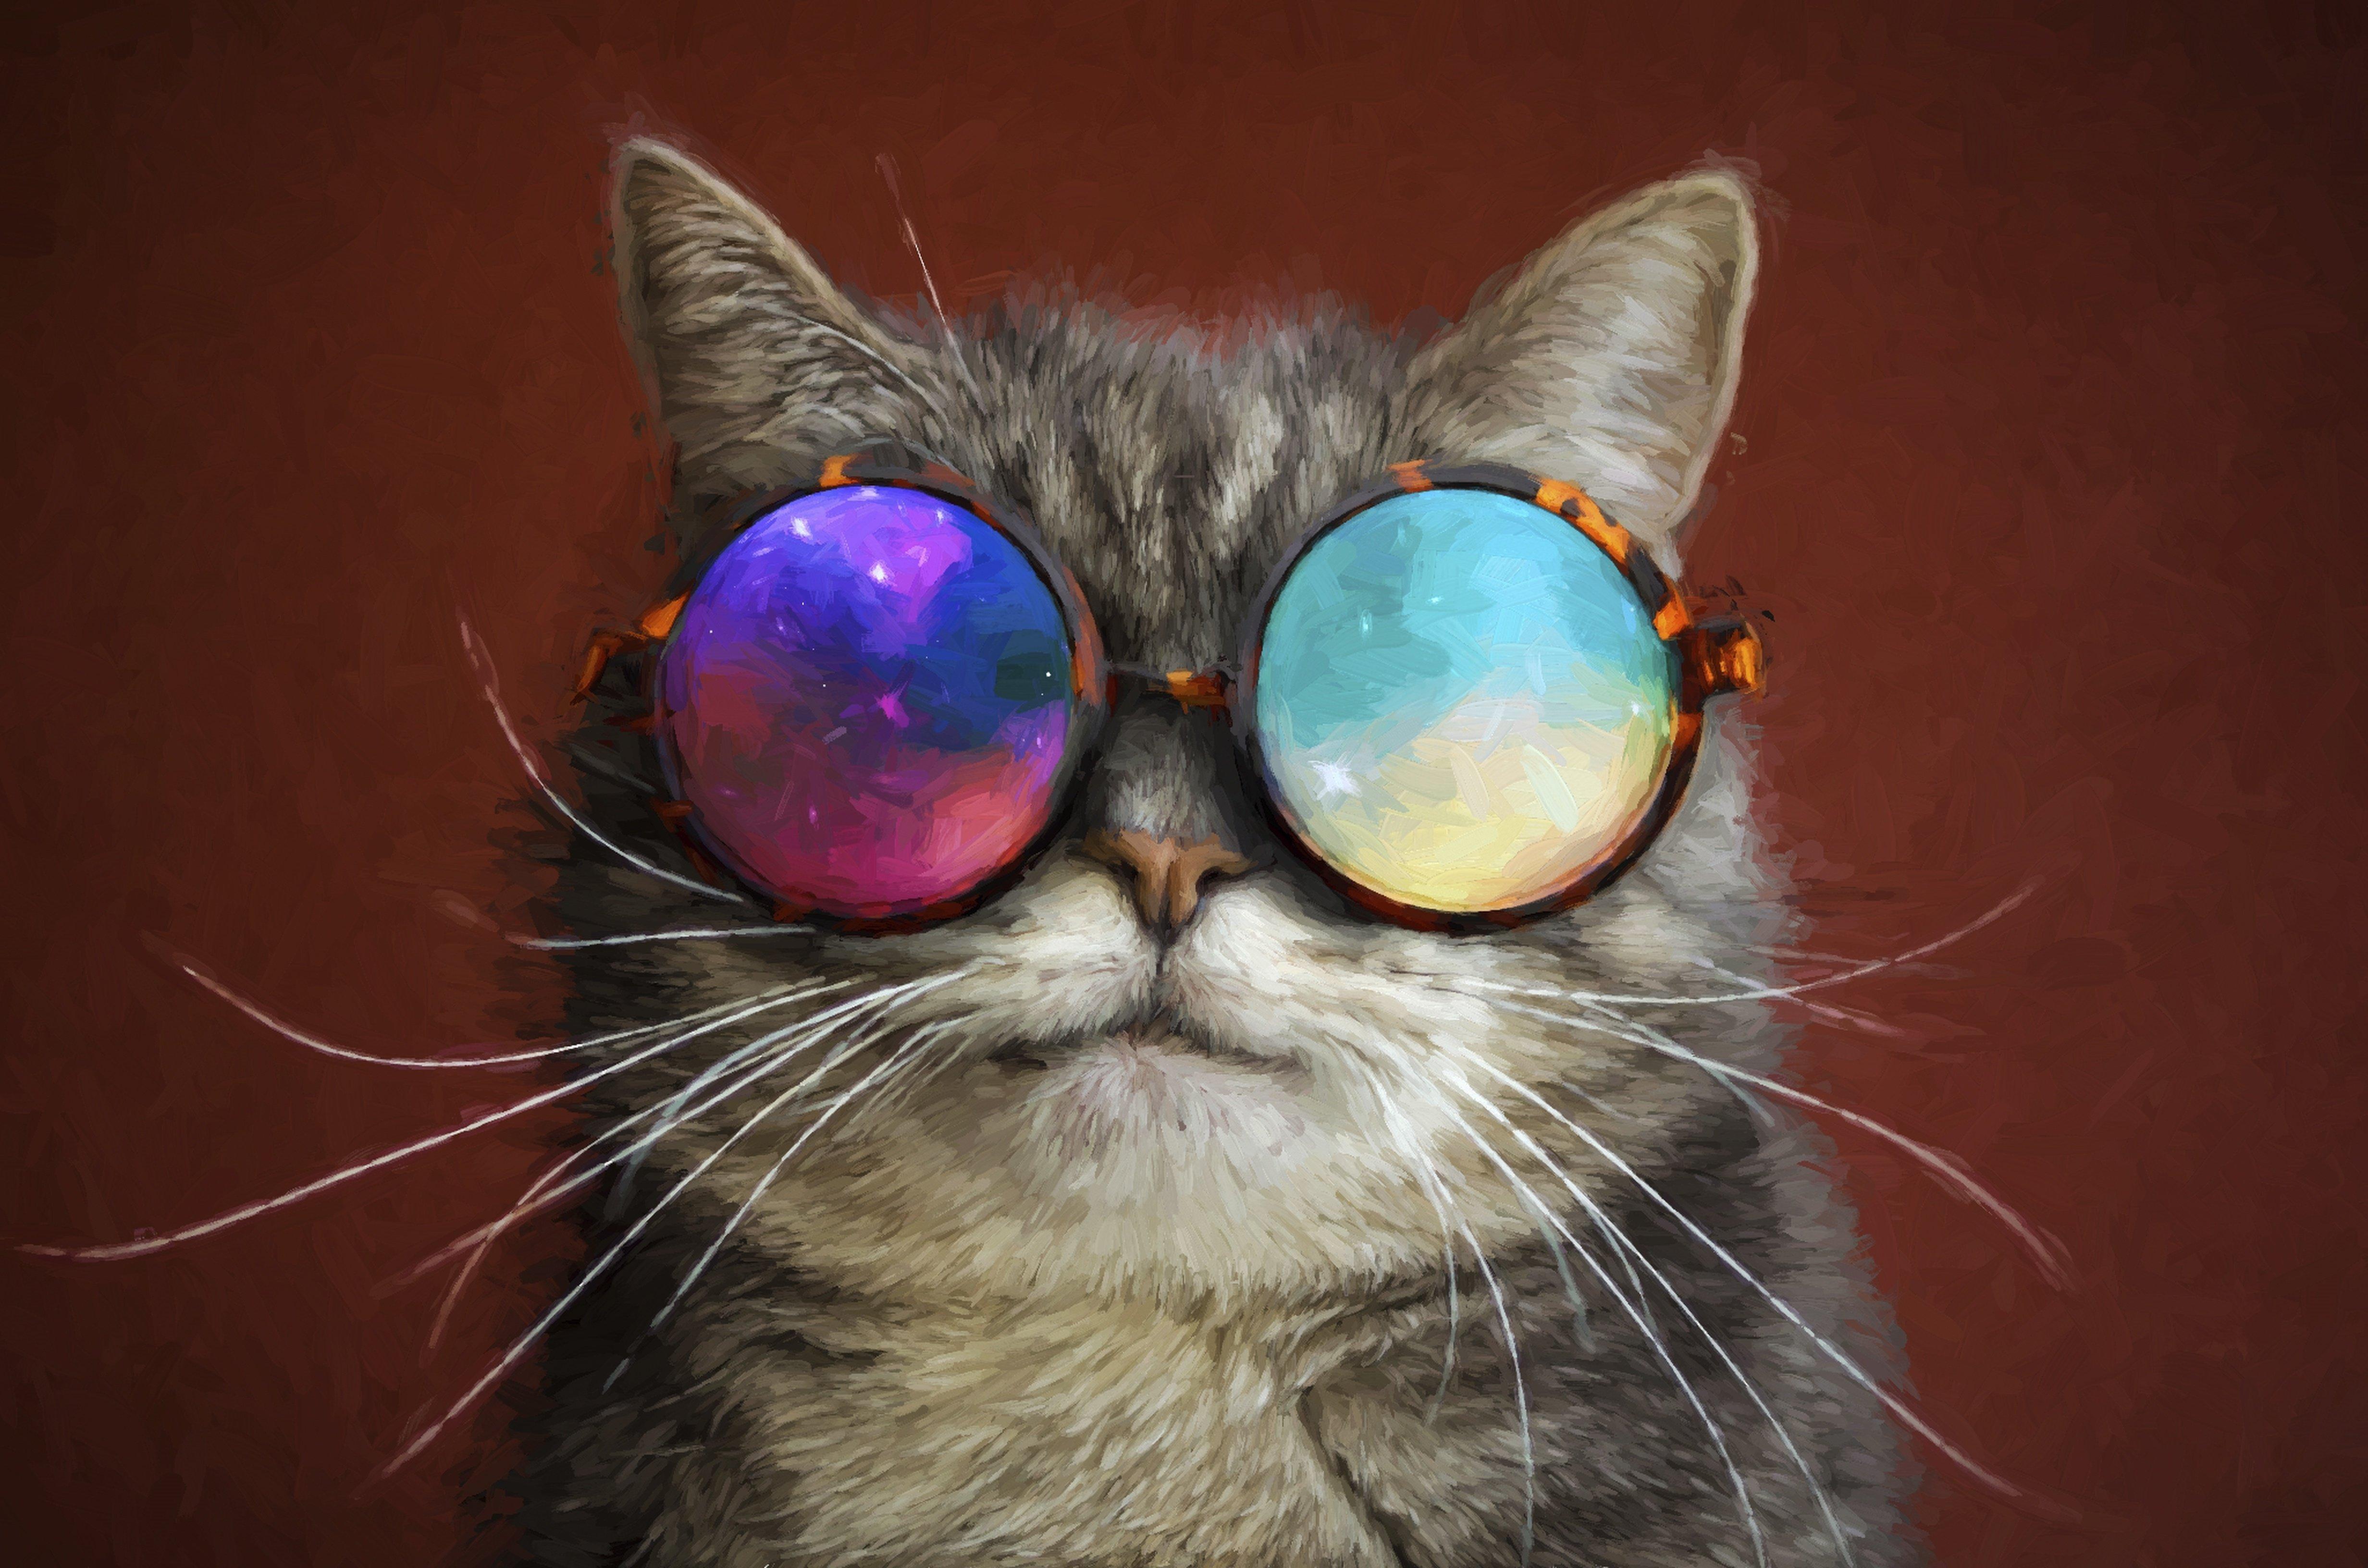 Fondos de pantalla Gato con lentes de galaxia